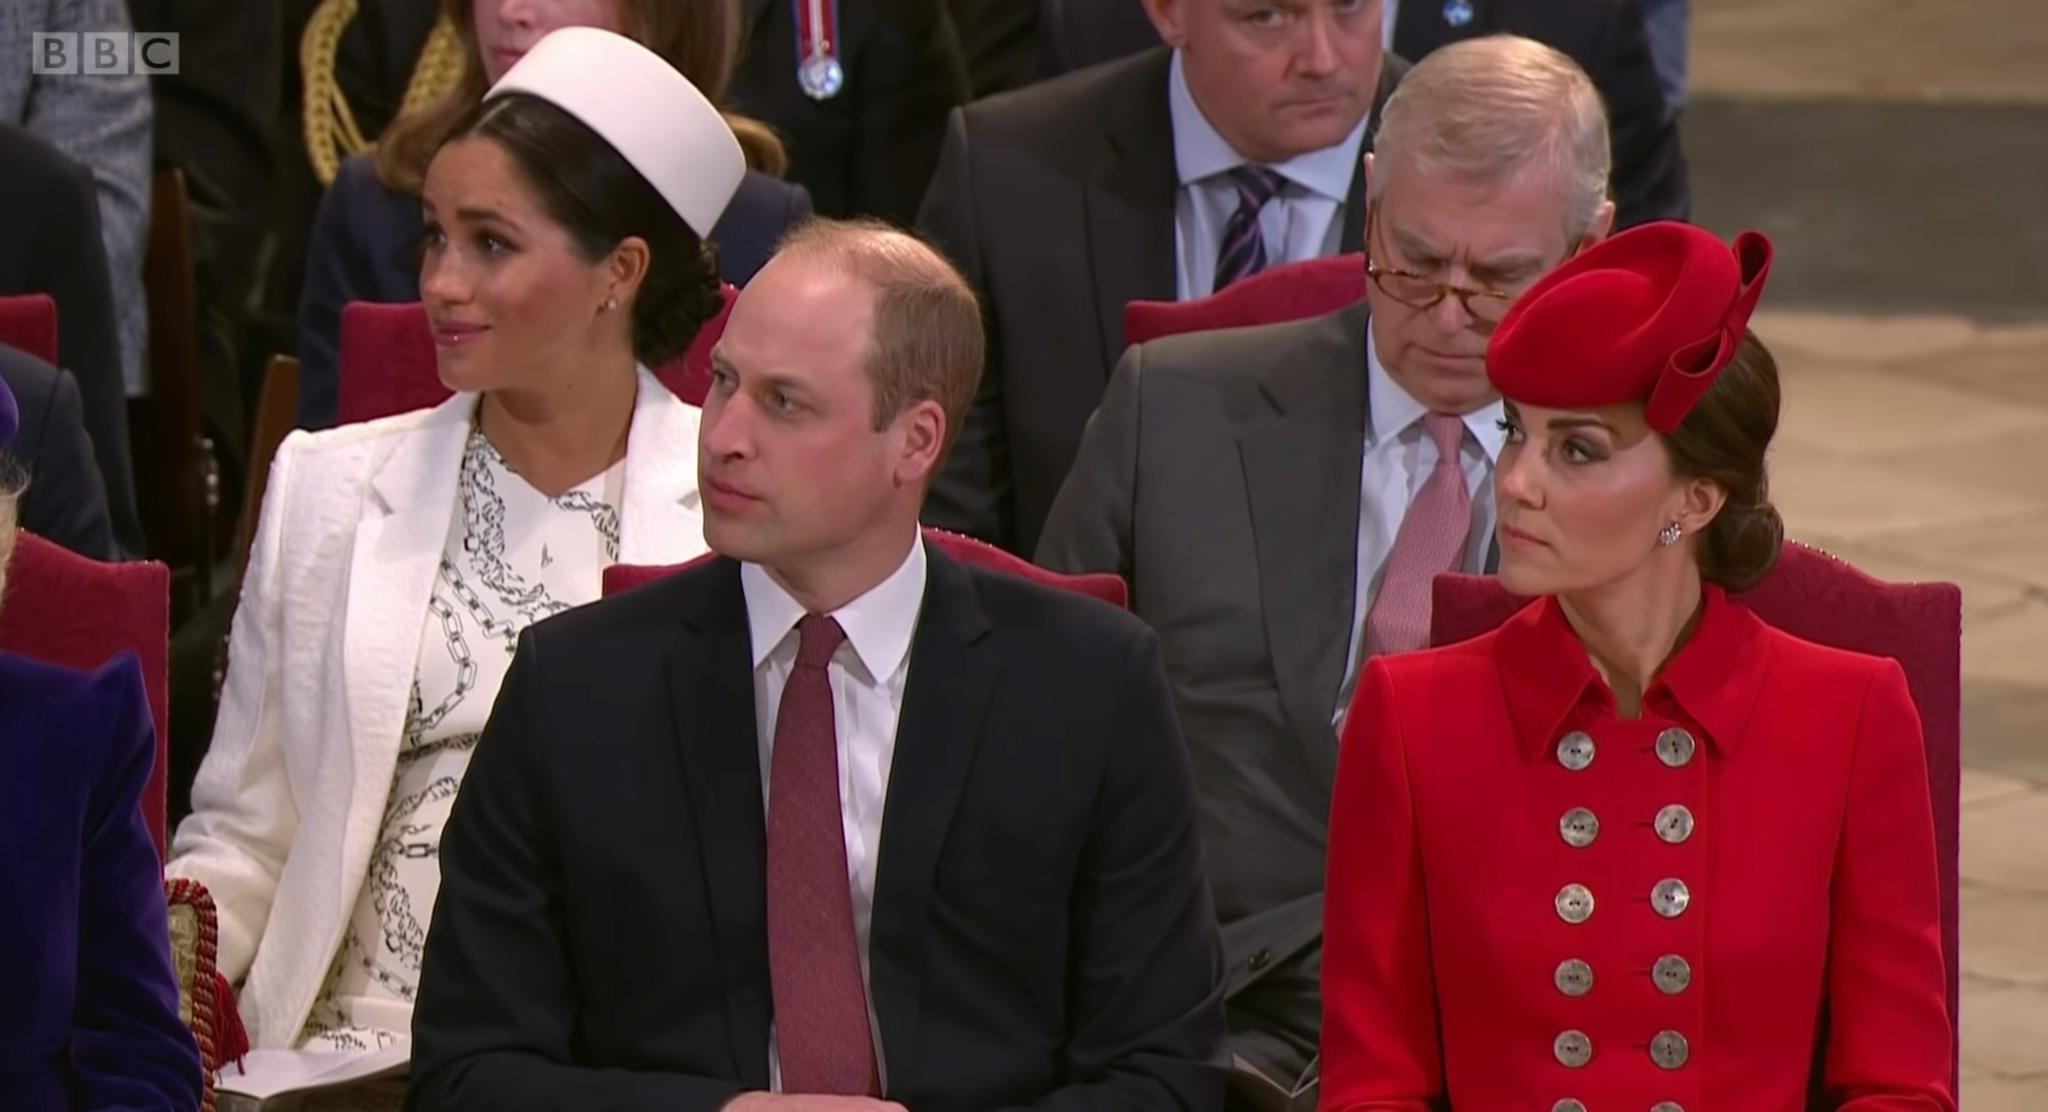 Herzogin Meghan (hinten links) lauscht ergriffen der Stimme von Alfie Boe. Prinz Andrew (hinten rechts) zeigt sich unterdessen weniger beeindruckt. Doch auch Prinz William (vorne linke) und Herzogin Catherine (vorne recht) lauschen gespannt.